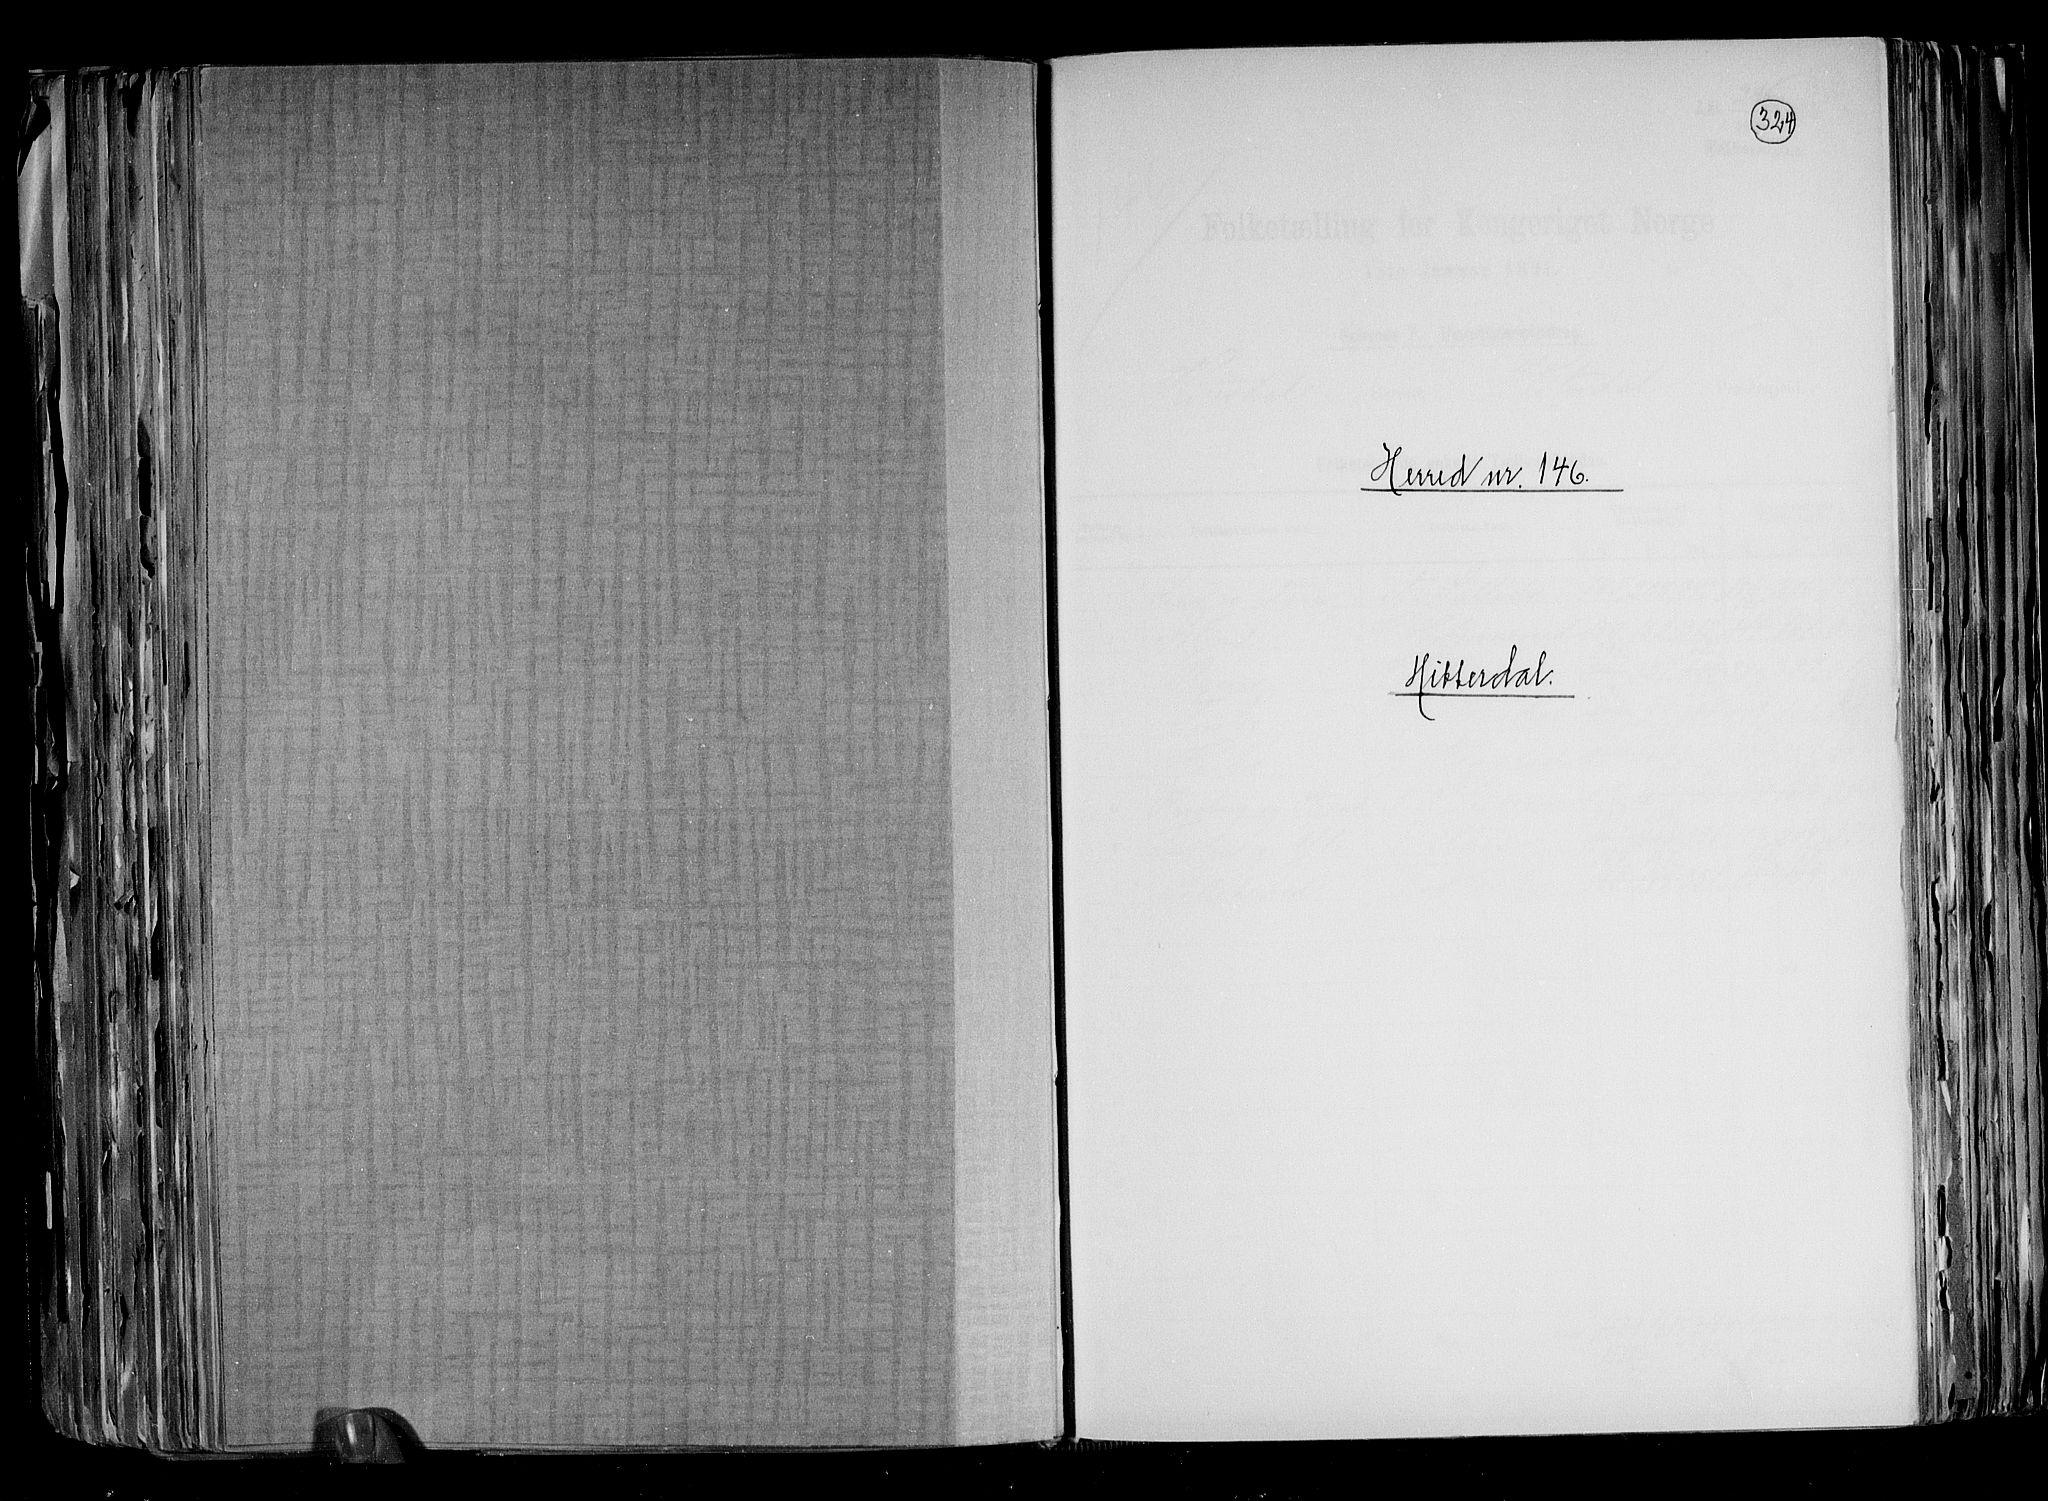 RA, Folketelling 1891 for 0823 Heddal herred, 1891, s. 1